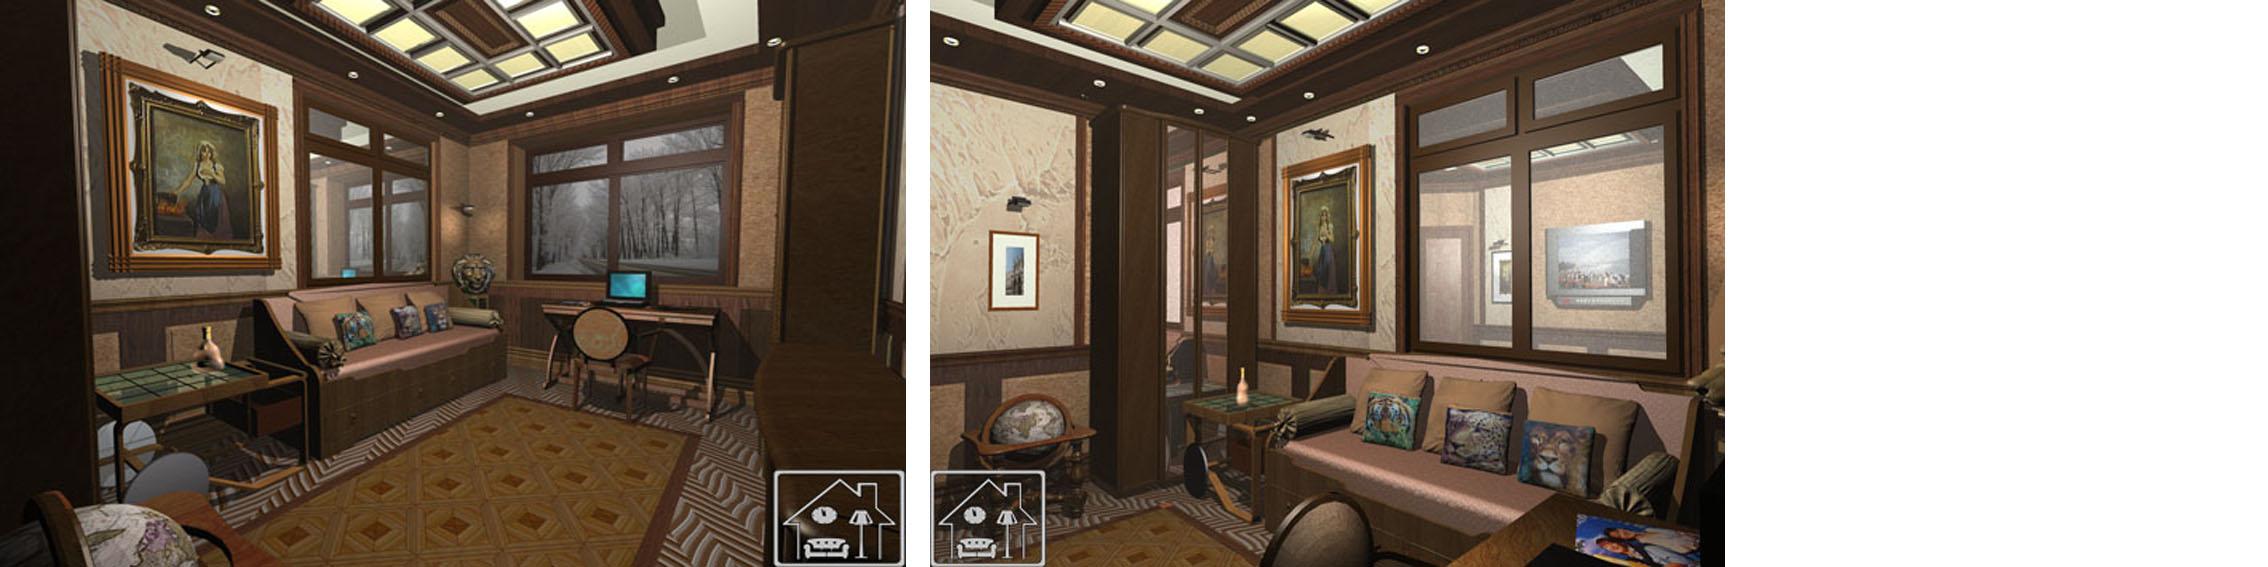 Классический кабинет с подсветкой в кессонном потолке 3